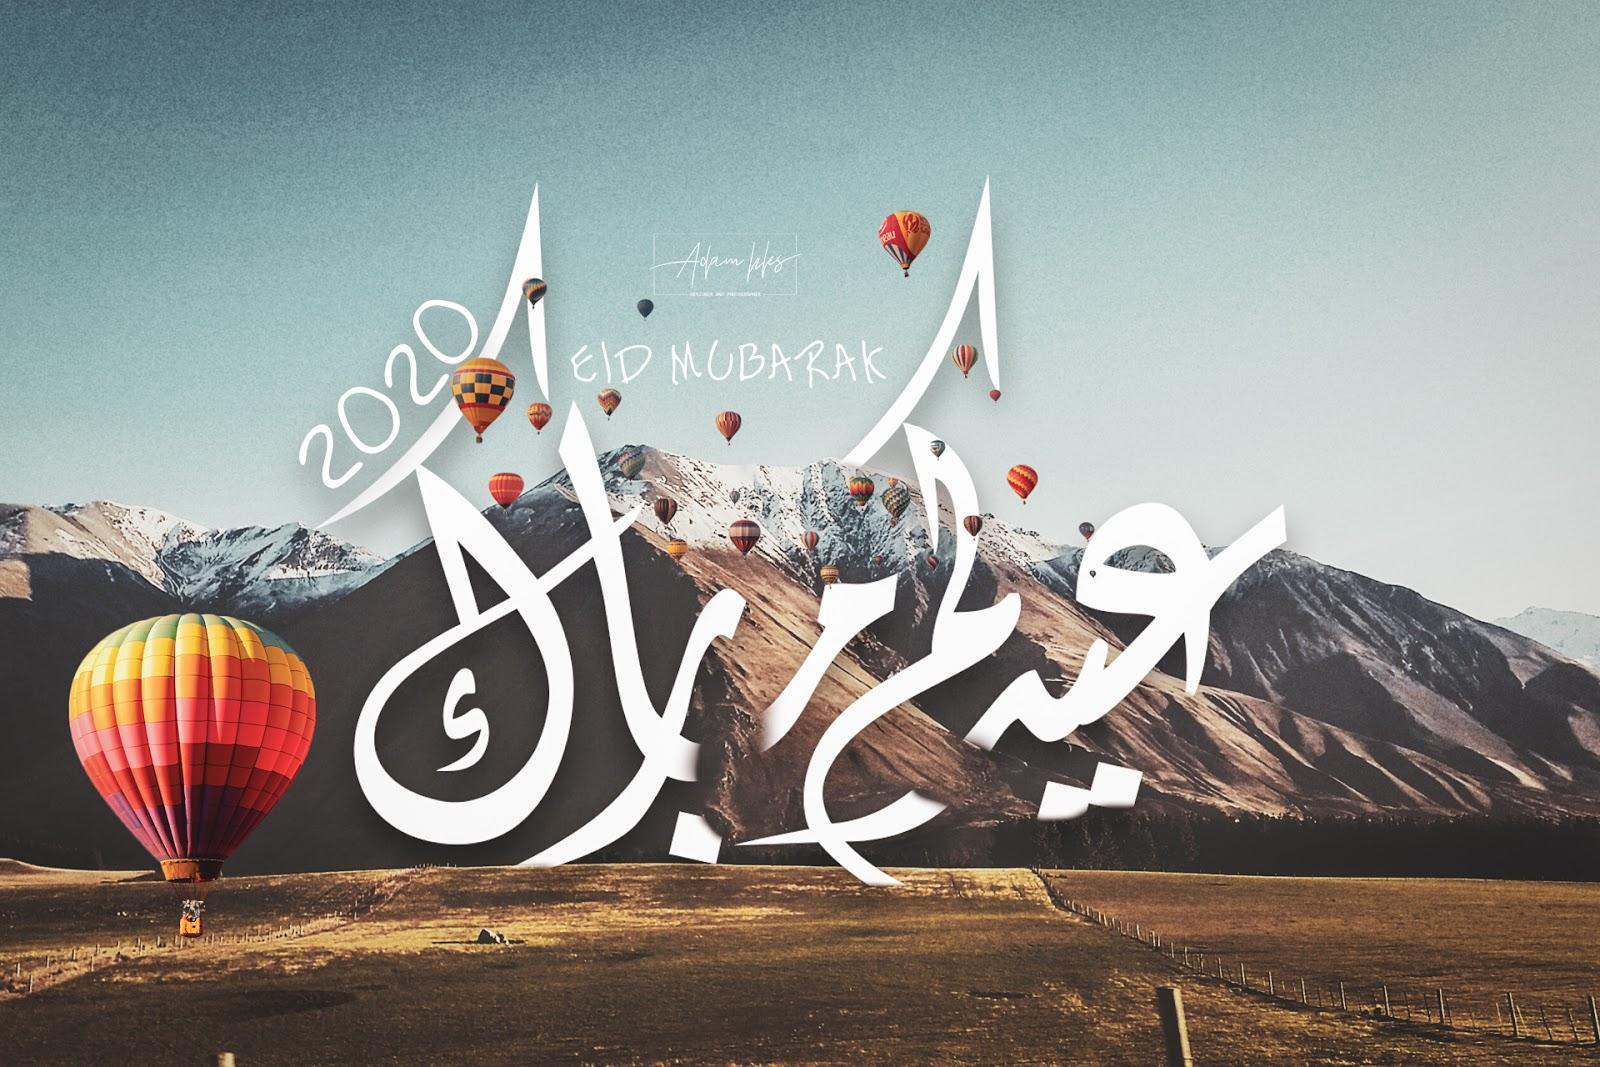 خلفيات عيد مبارك جميلة احدث خلفيات لعام 2020 كل عام وانتم بخير المصمم ادم حلس